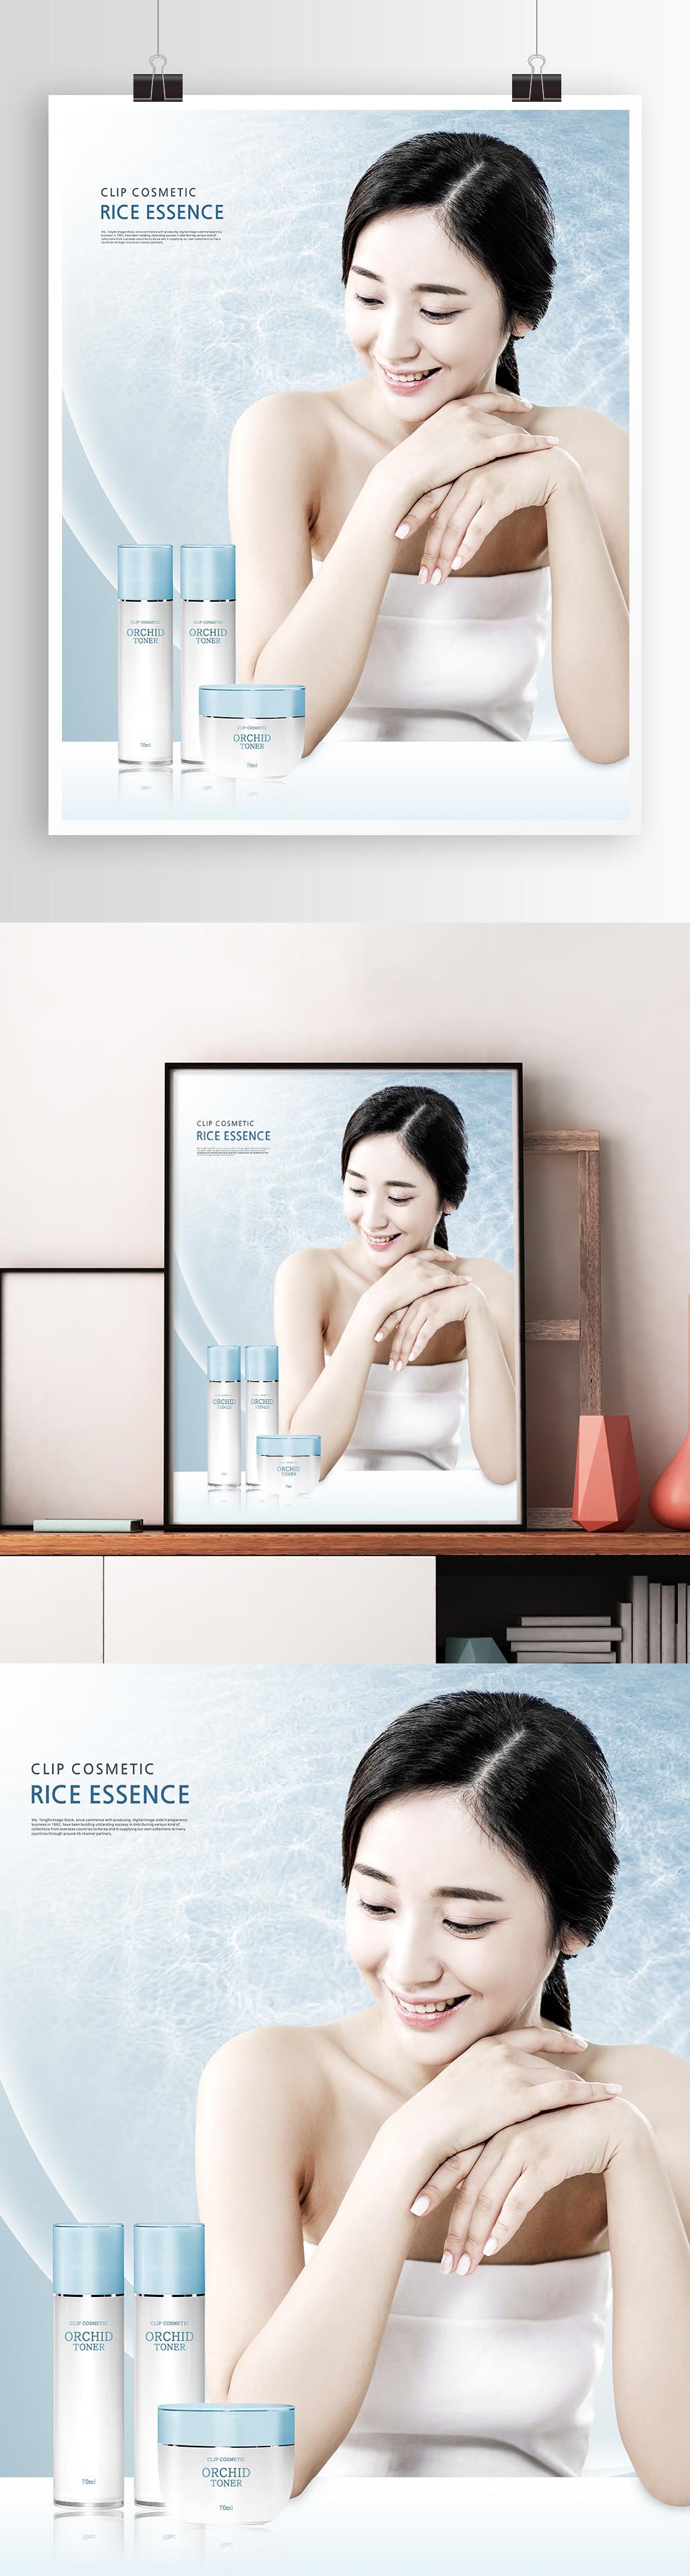 小清新高端化妆品洗面奶护肤品海报psd